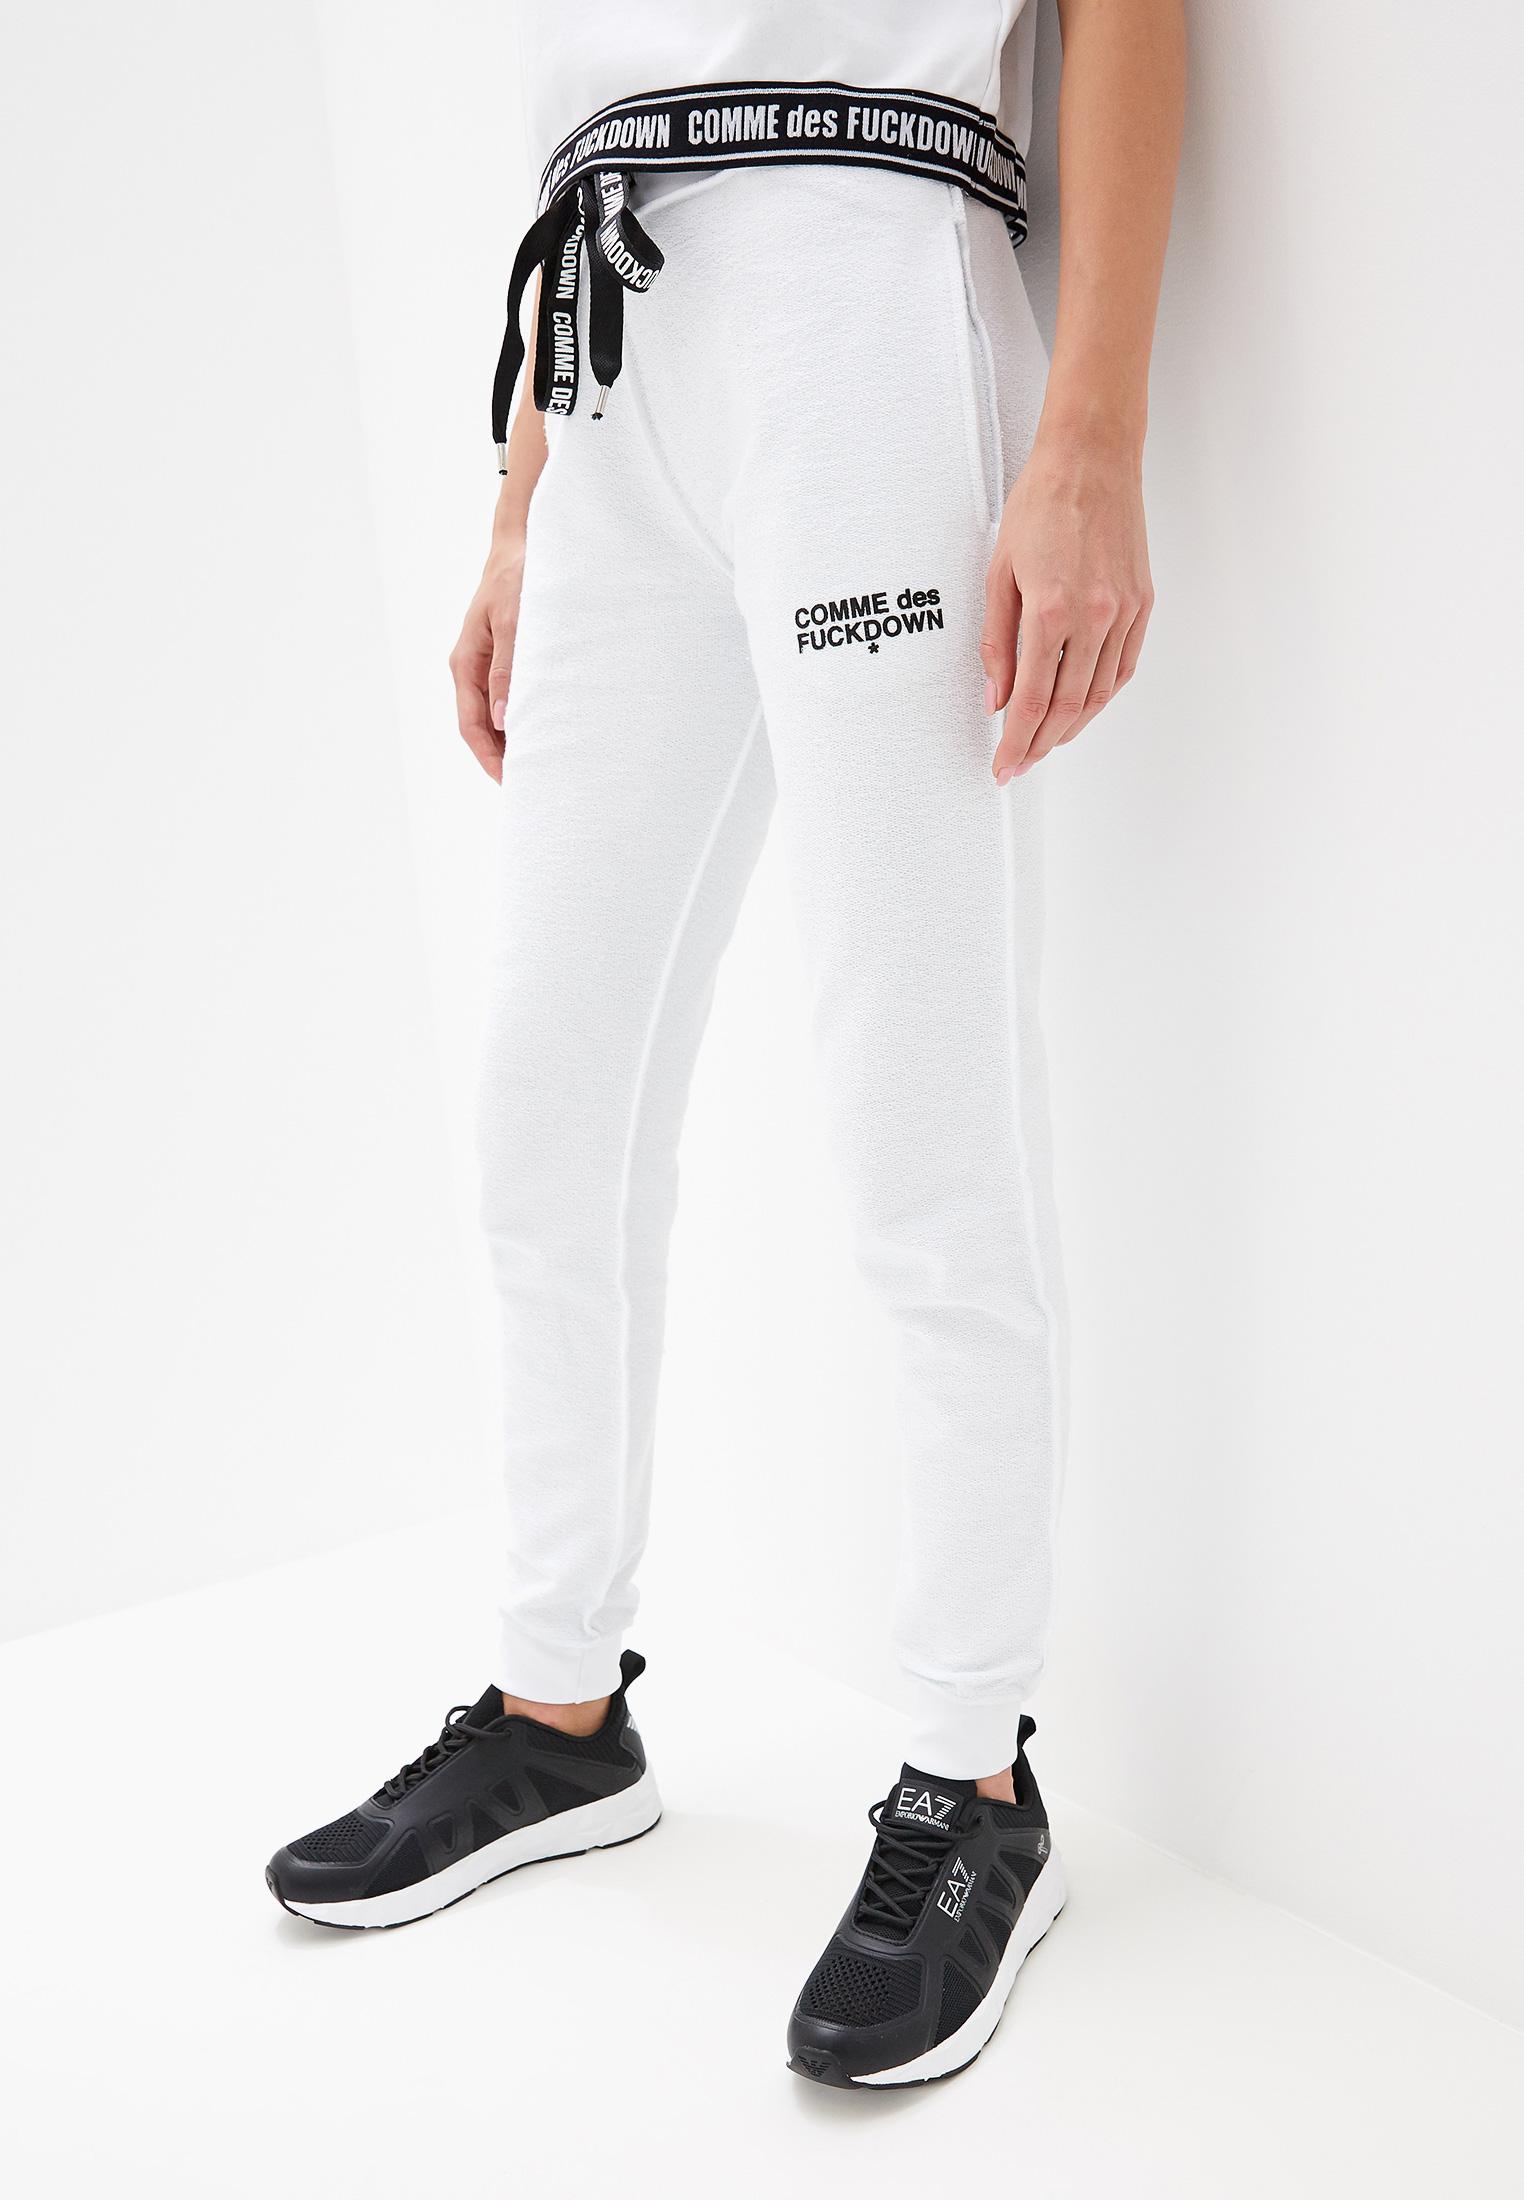 Женские спортивные брюки Comme des Fuckdown 19CDFD566